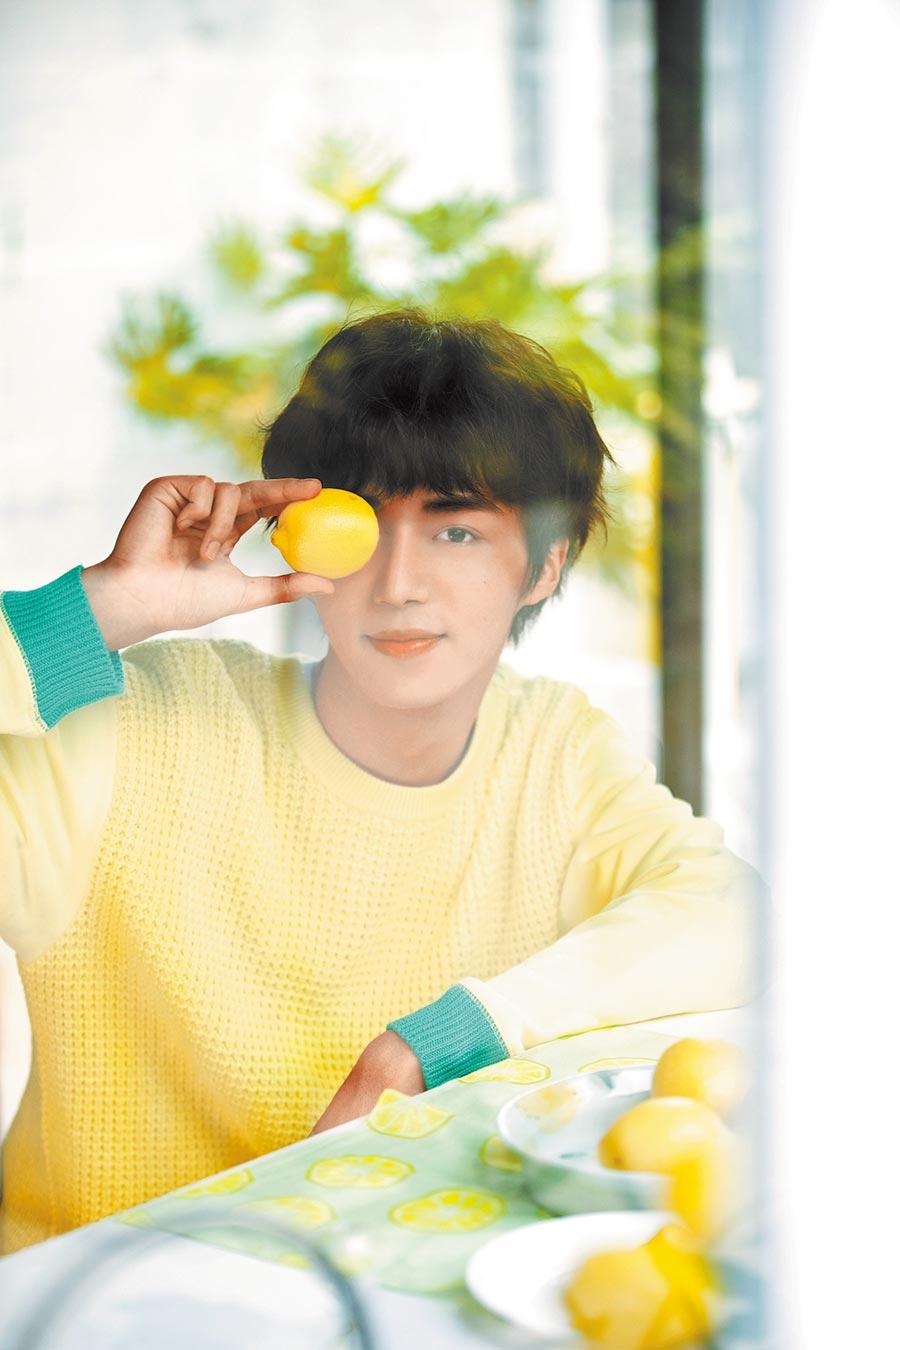 石承鎬近日推出首支單曲〈酸酸的你〉。(愛貝克思提供)